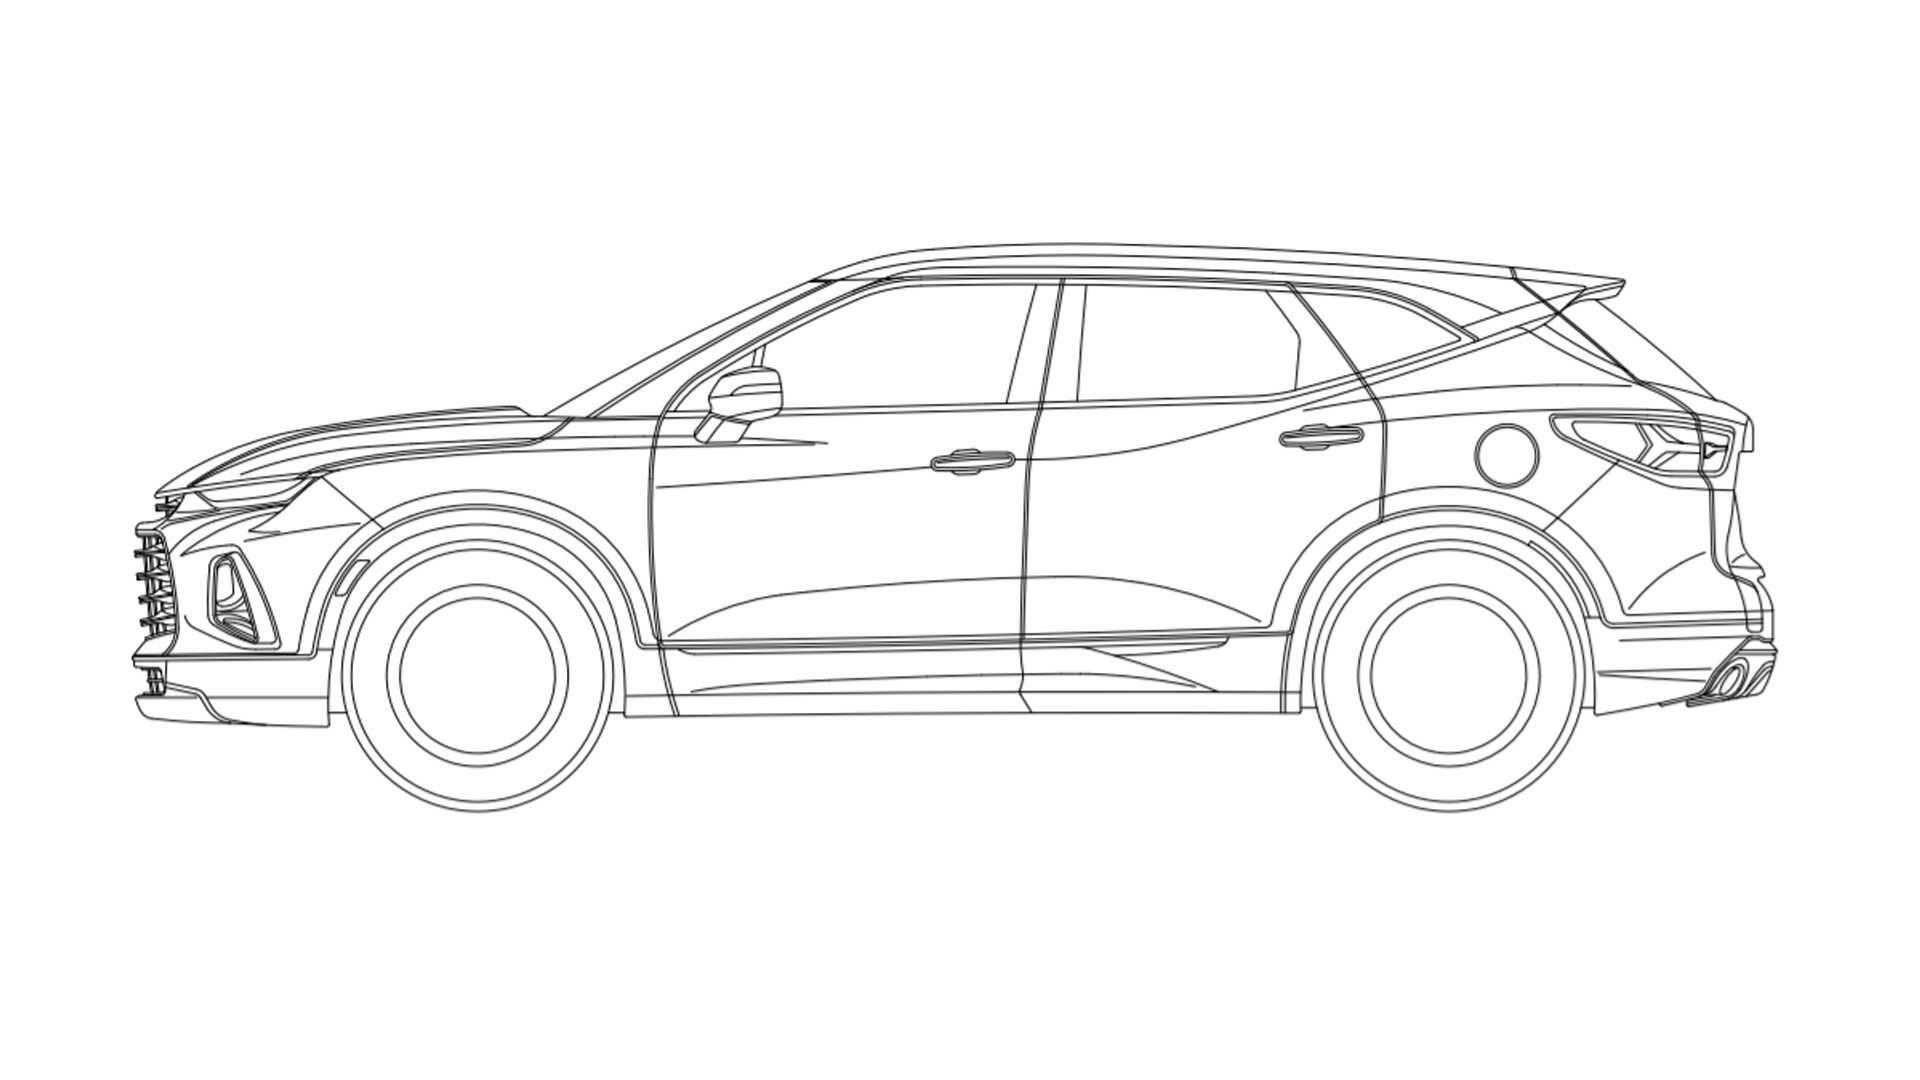 Chevrolet Blazer. Foto: Reprodução/INPI